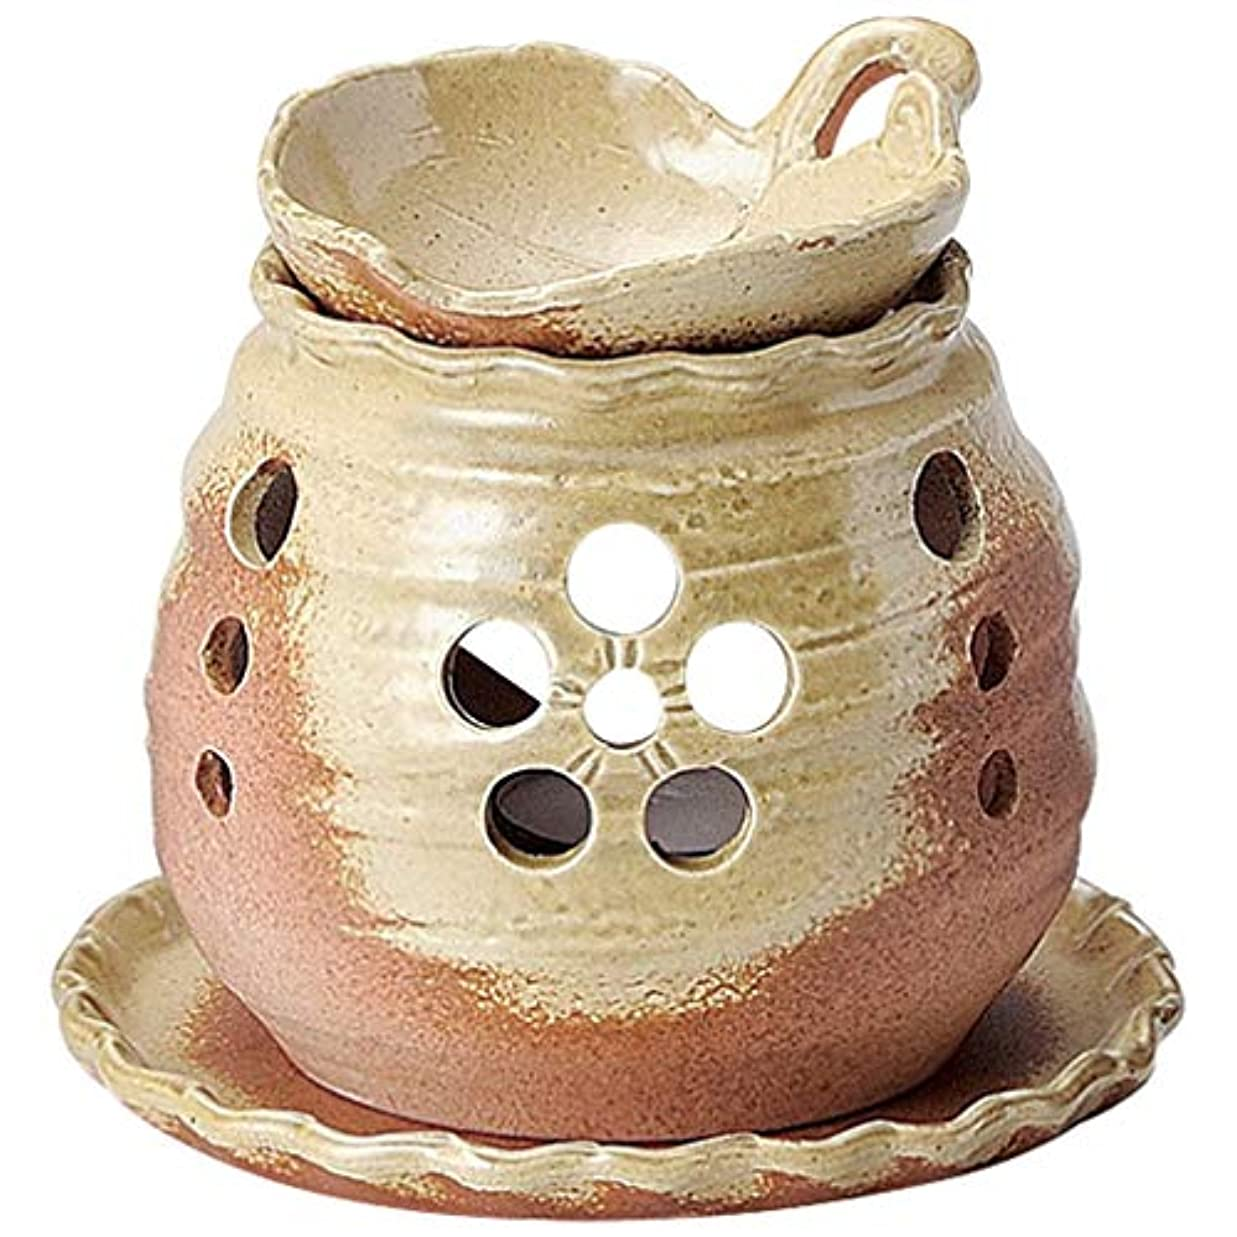 誤解を招く自治的顕著常滑焼 ?39-06 茶香炉ゆとり 木の葉 皿付   ロウソク1ヶ付 径13.2×11.5